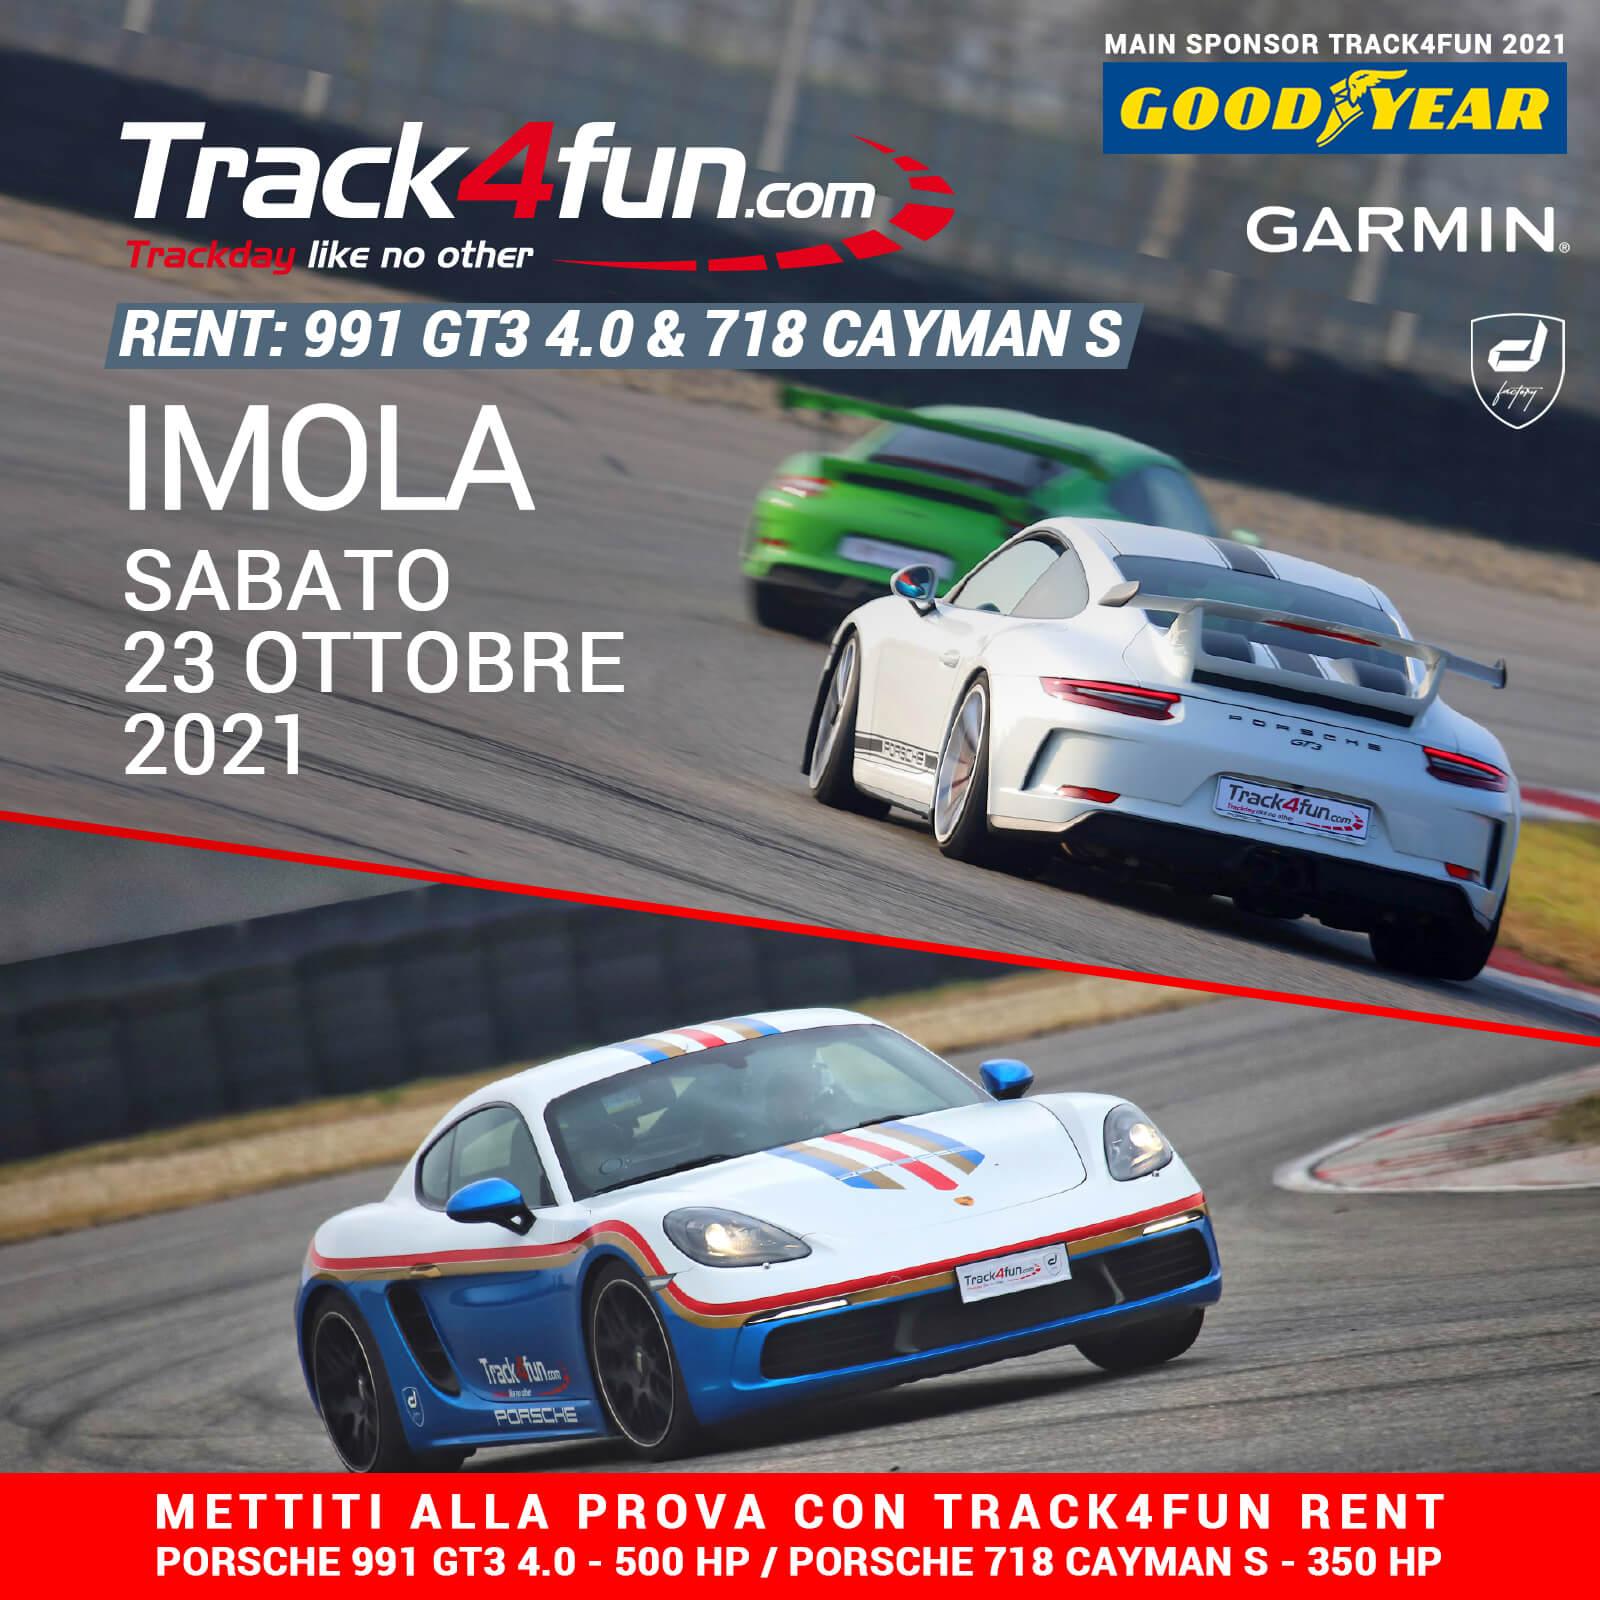 Track4fun Rent Imola 23-10-2021